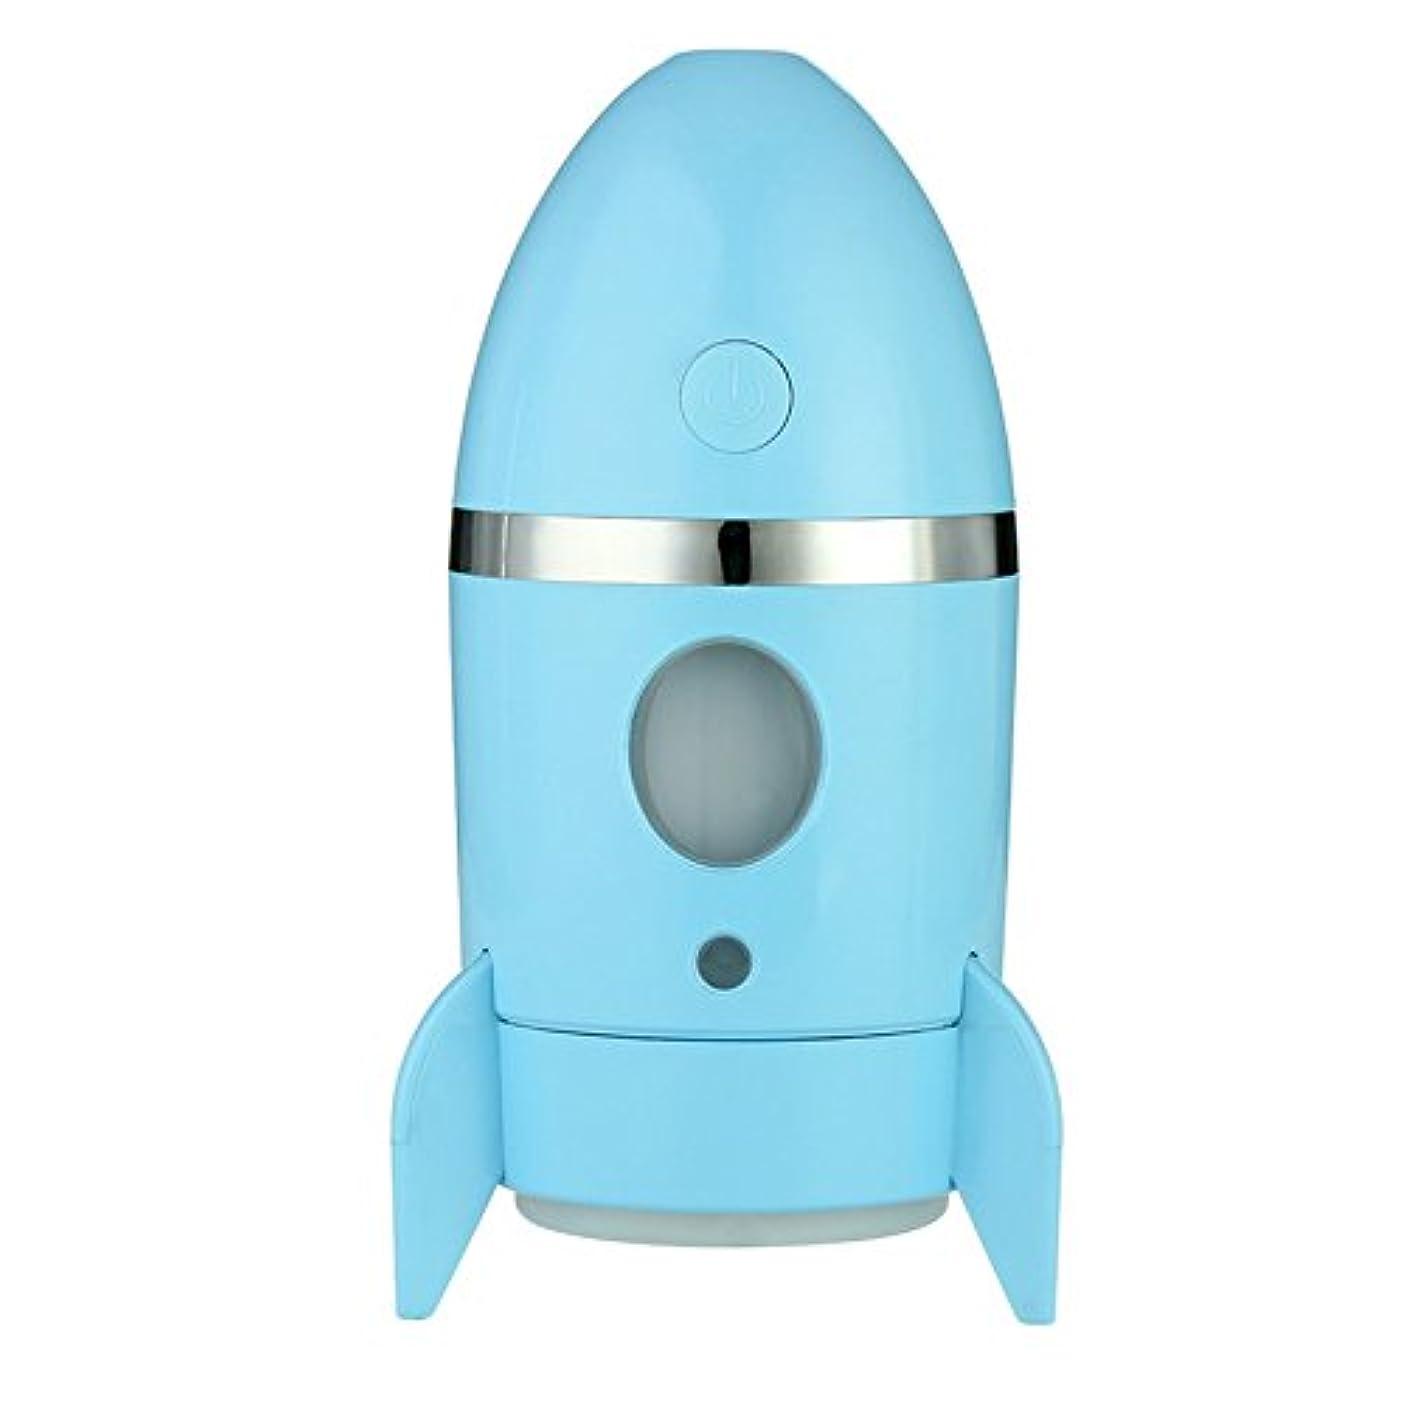 準備したクリーク通知するLazayyii USBミニ加湿器 超音波 エッセンシャルオイル ミスト (ブルー)